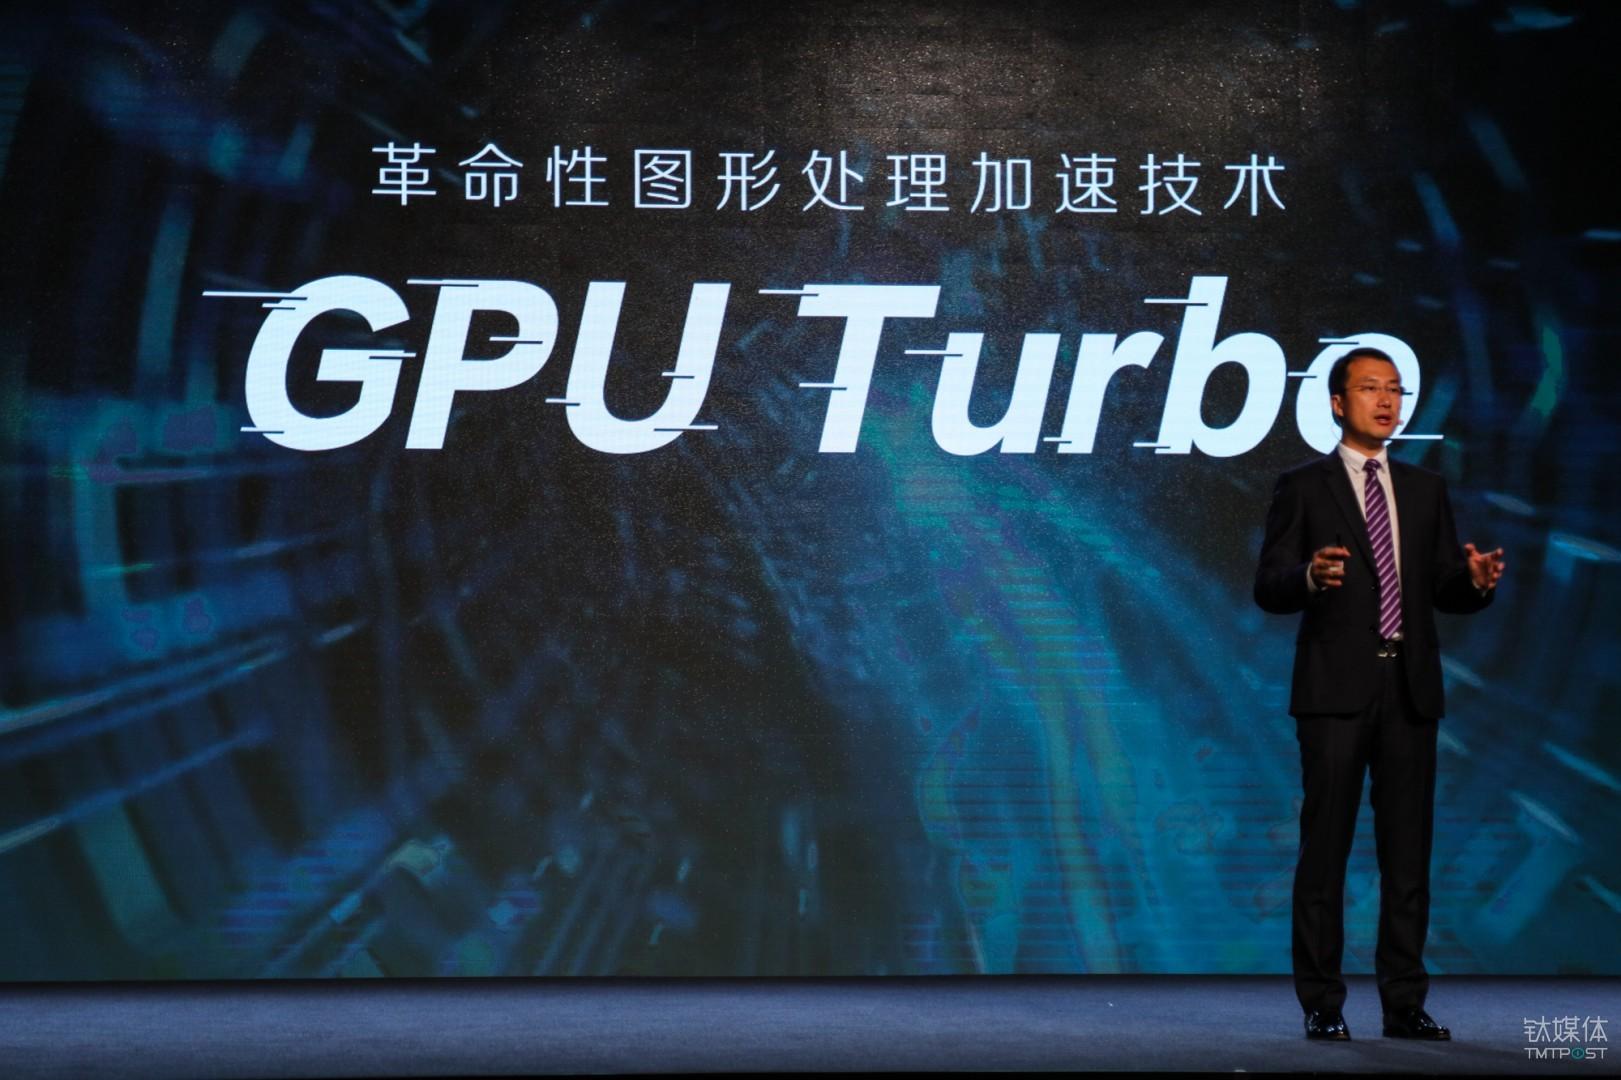 华为GPU Turbo图形处理加速技术